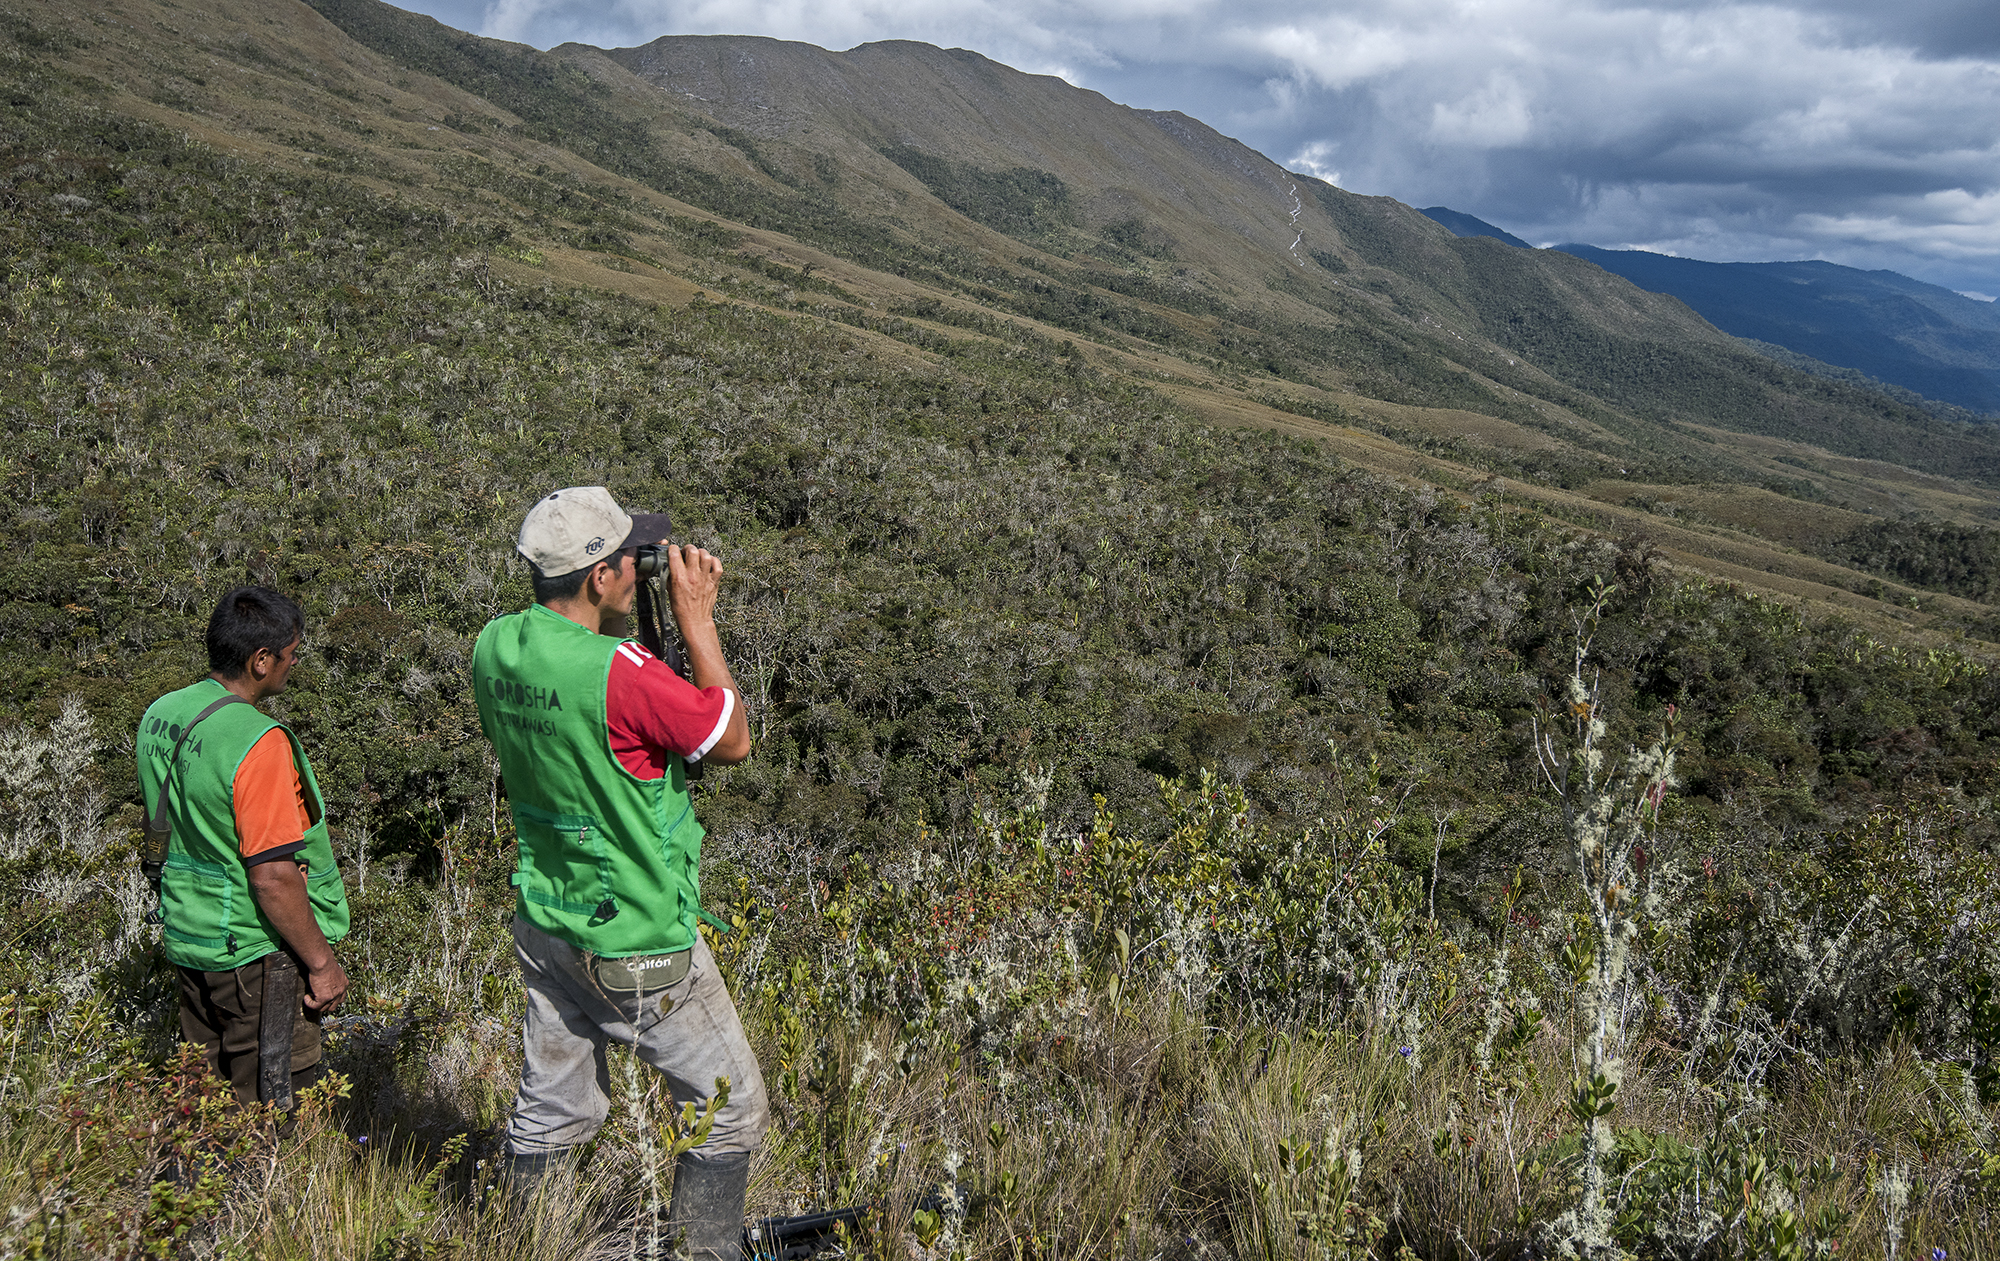 La expedición para buscar a Paddy se realizó en el año 2015. Foto: Michael Tweddle.